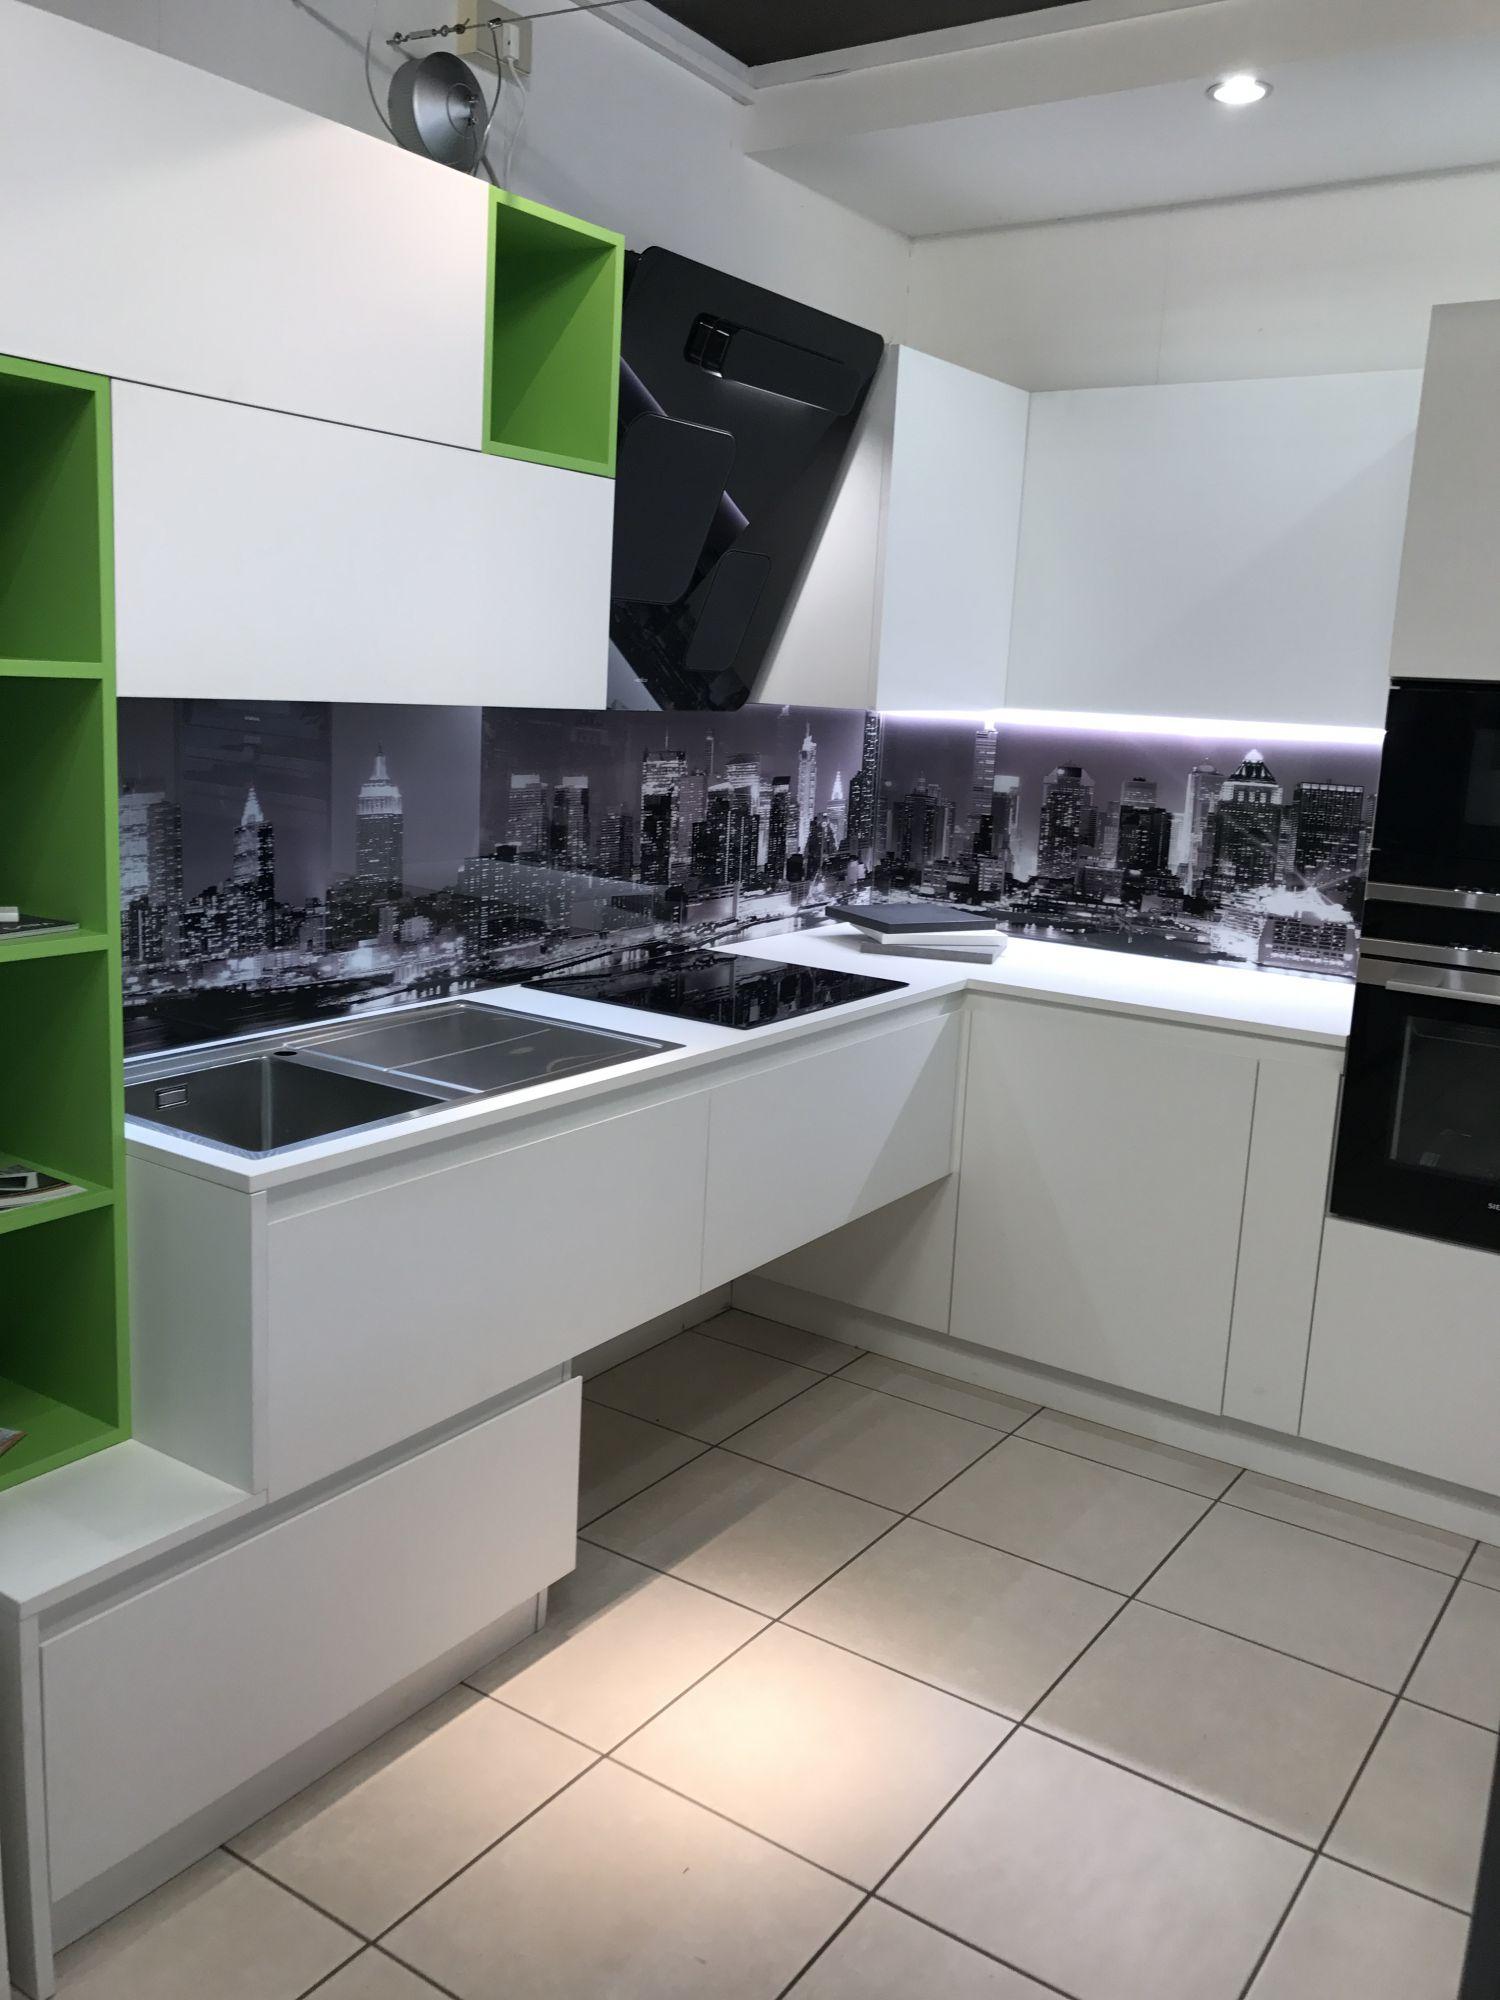 Home cucine il globo lido degli estensi comacchio for Globo arredamenti